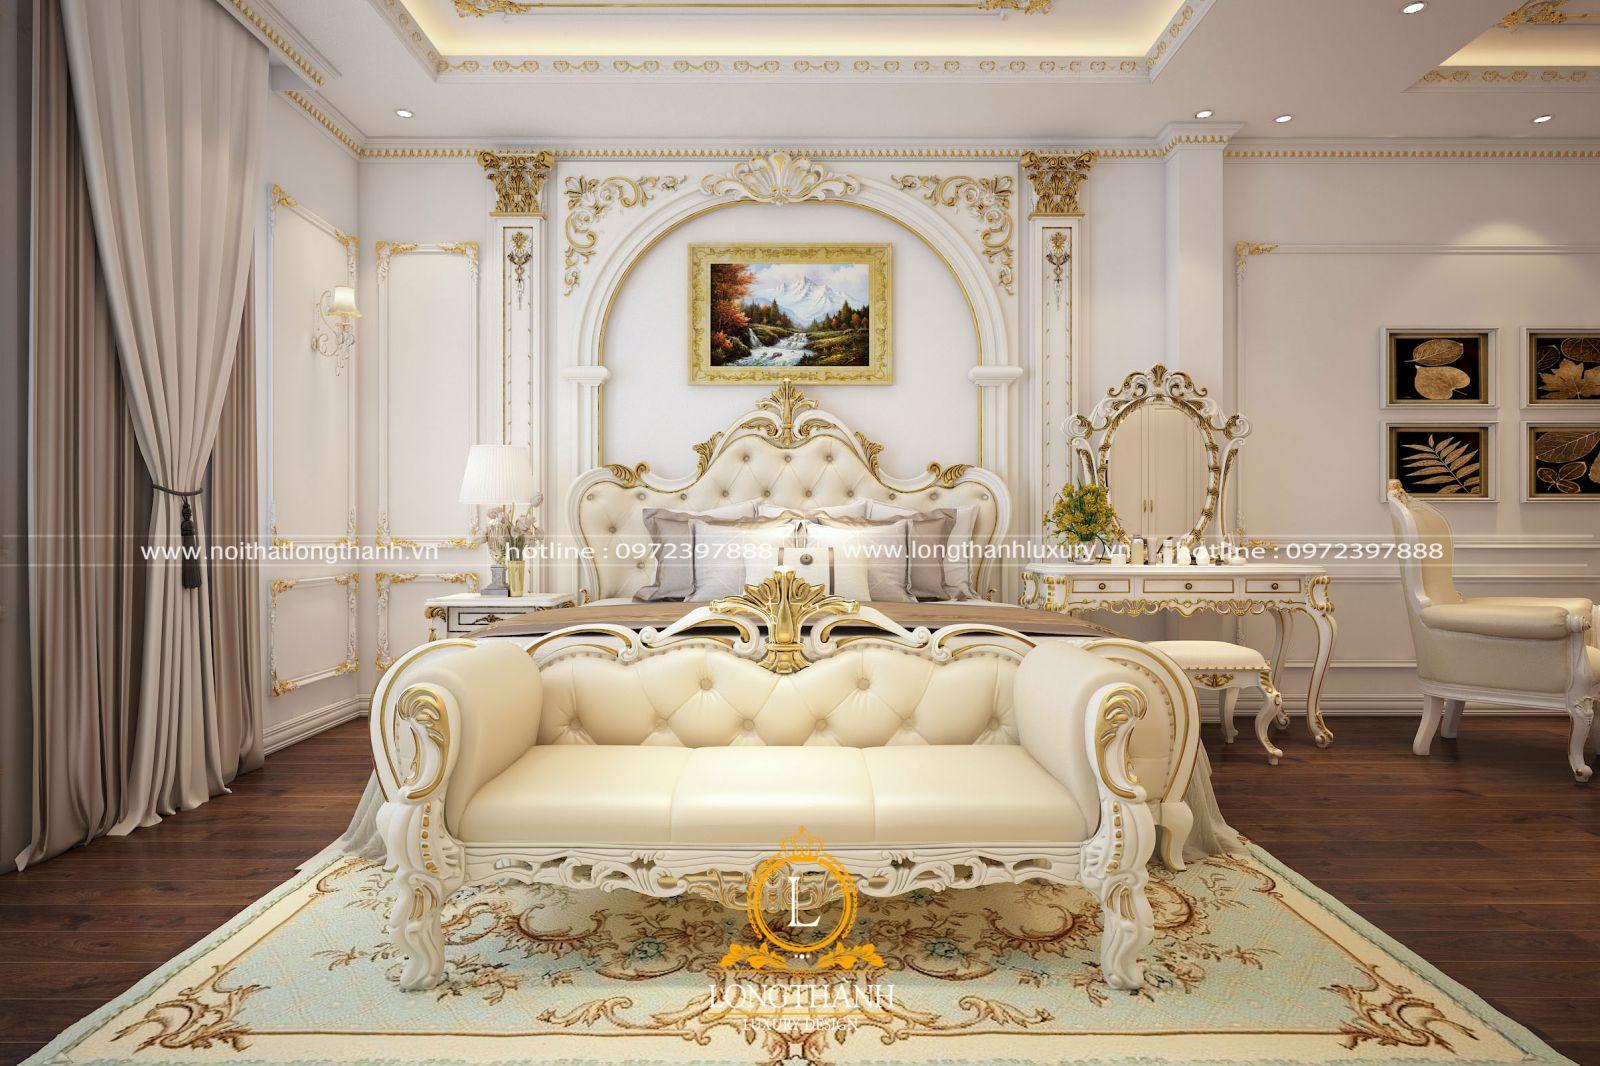 Nội thất phòng ngủ cao cấp với tông màu trắng làm chủ đạo cùng những món nội thất đắt giá bậc nhất